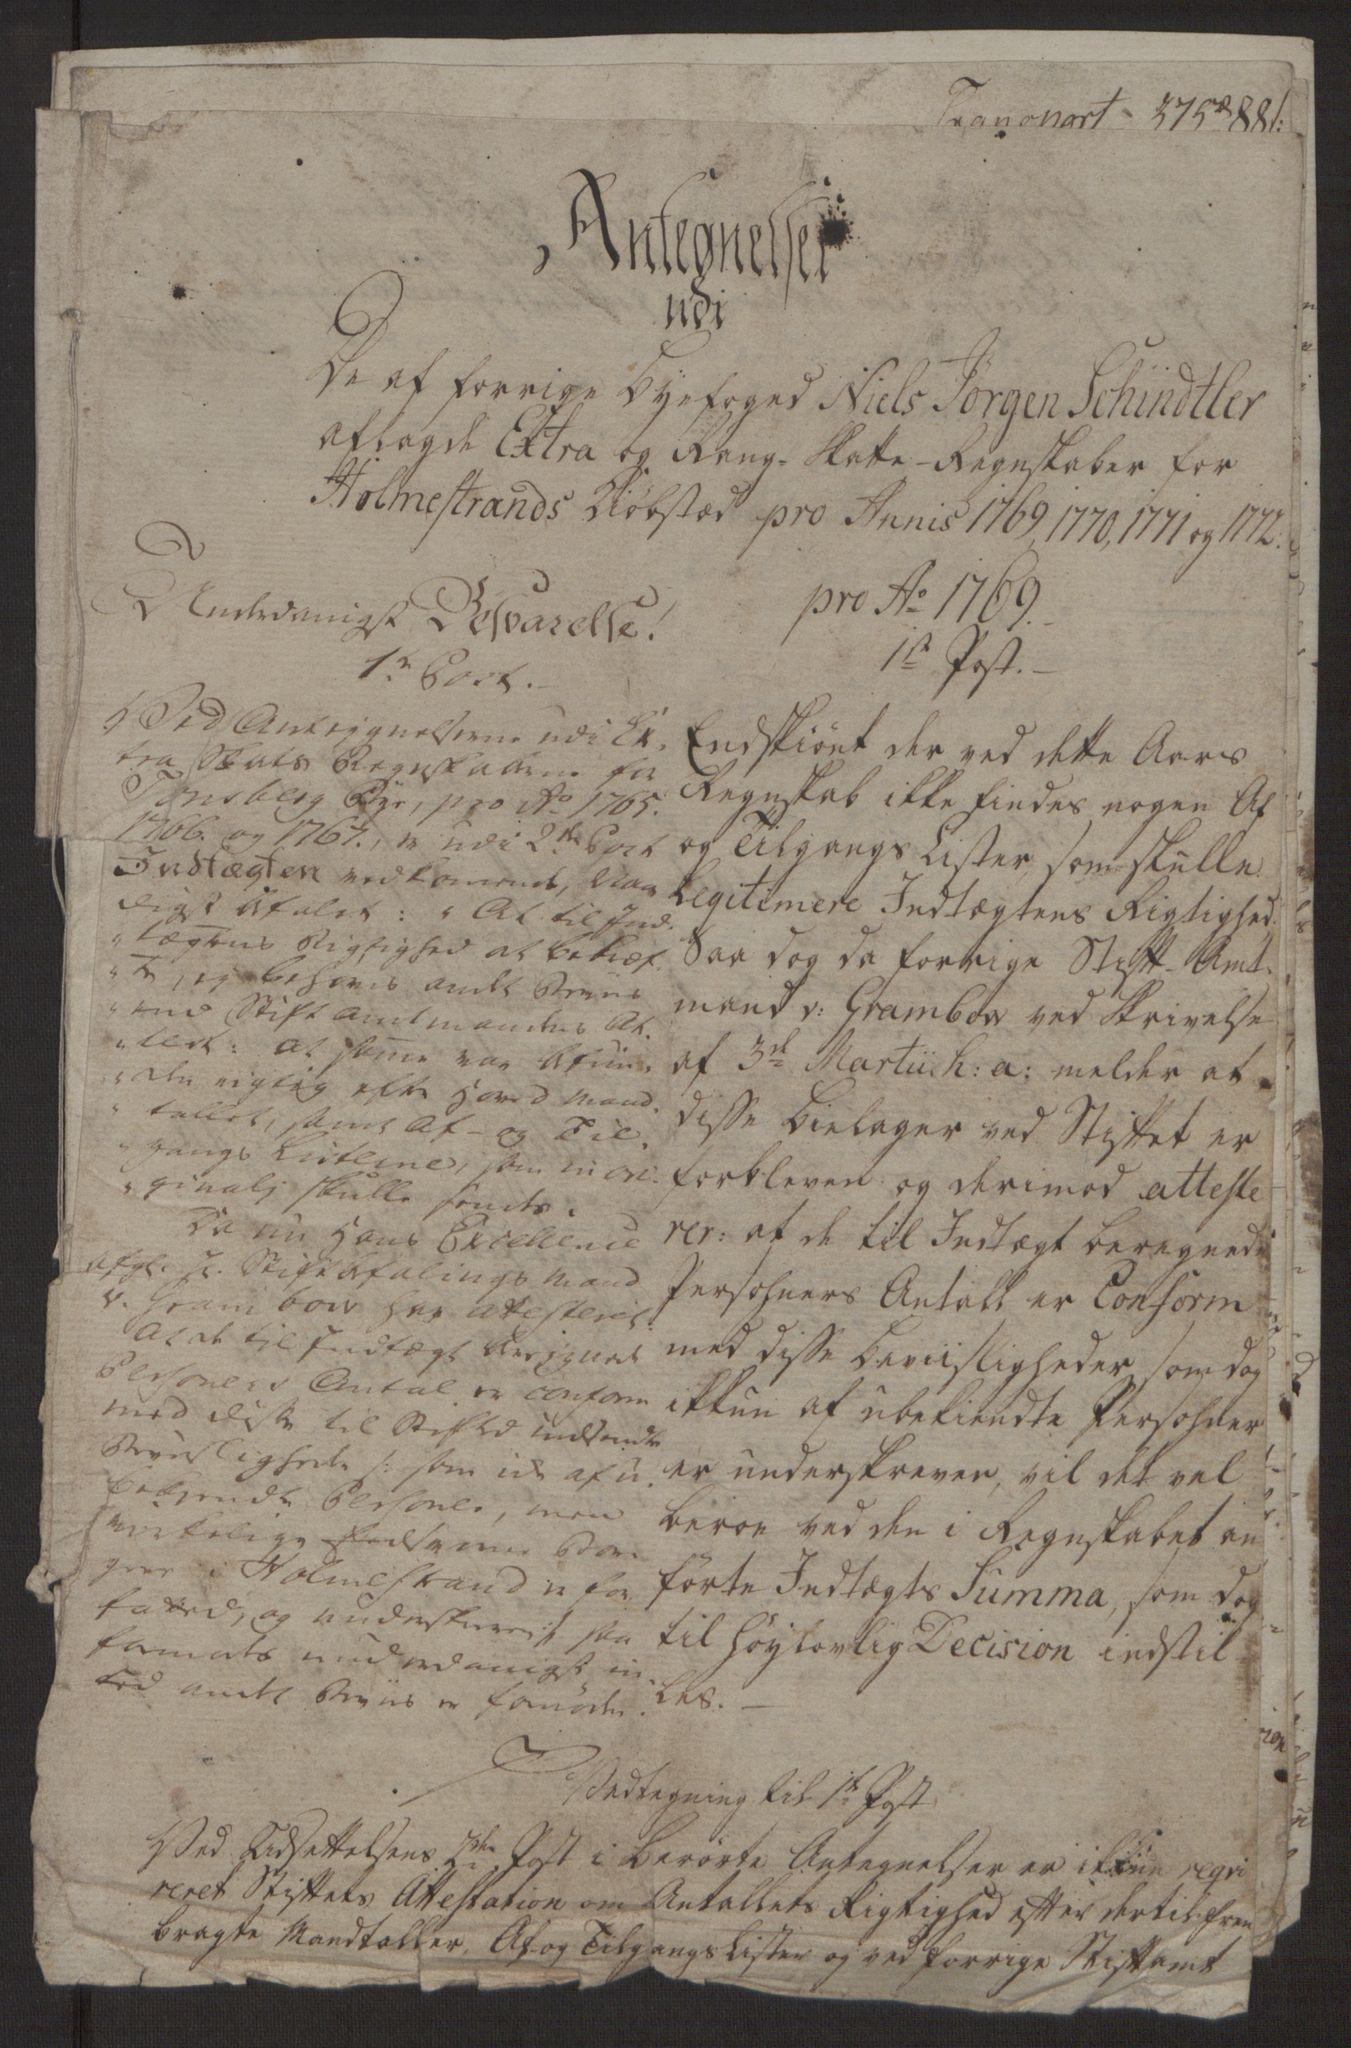 RA, Rentekammeret inntil 1814, Reviderte regnskaper, Byregnskaper, R/Rh/L0163: [H4] Kontribusjonsregnskap, 1762-1772, s. 436